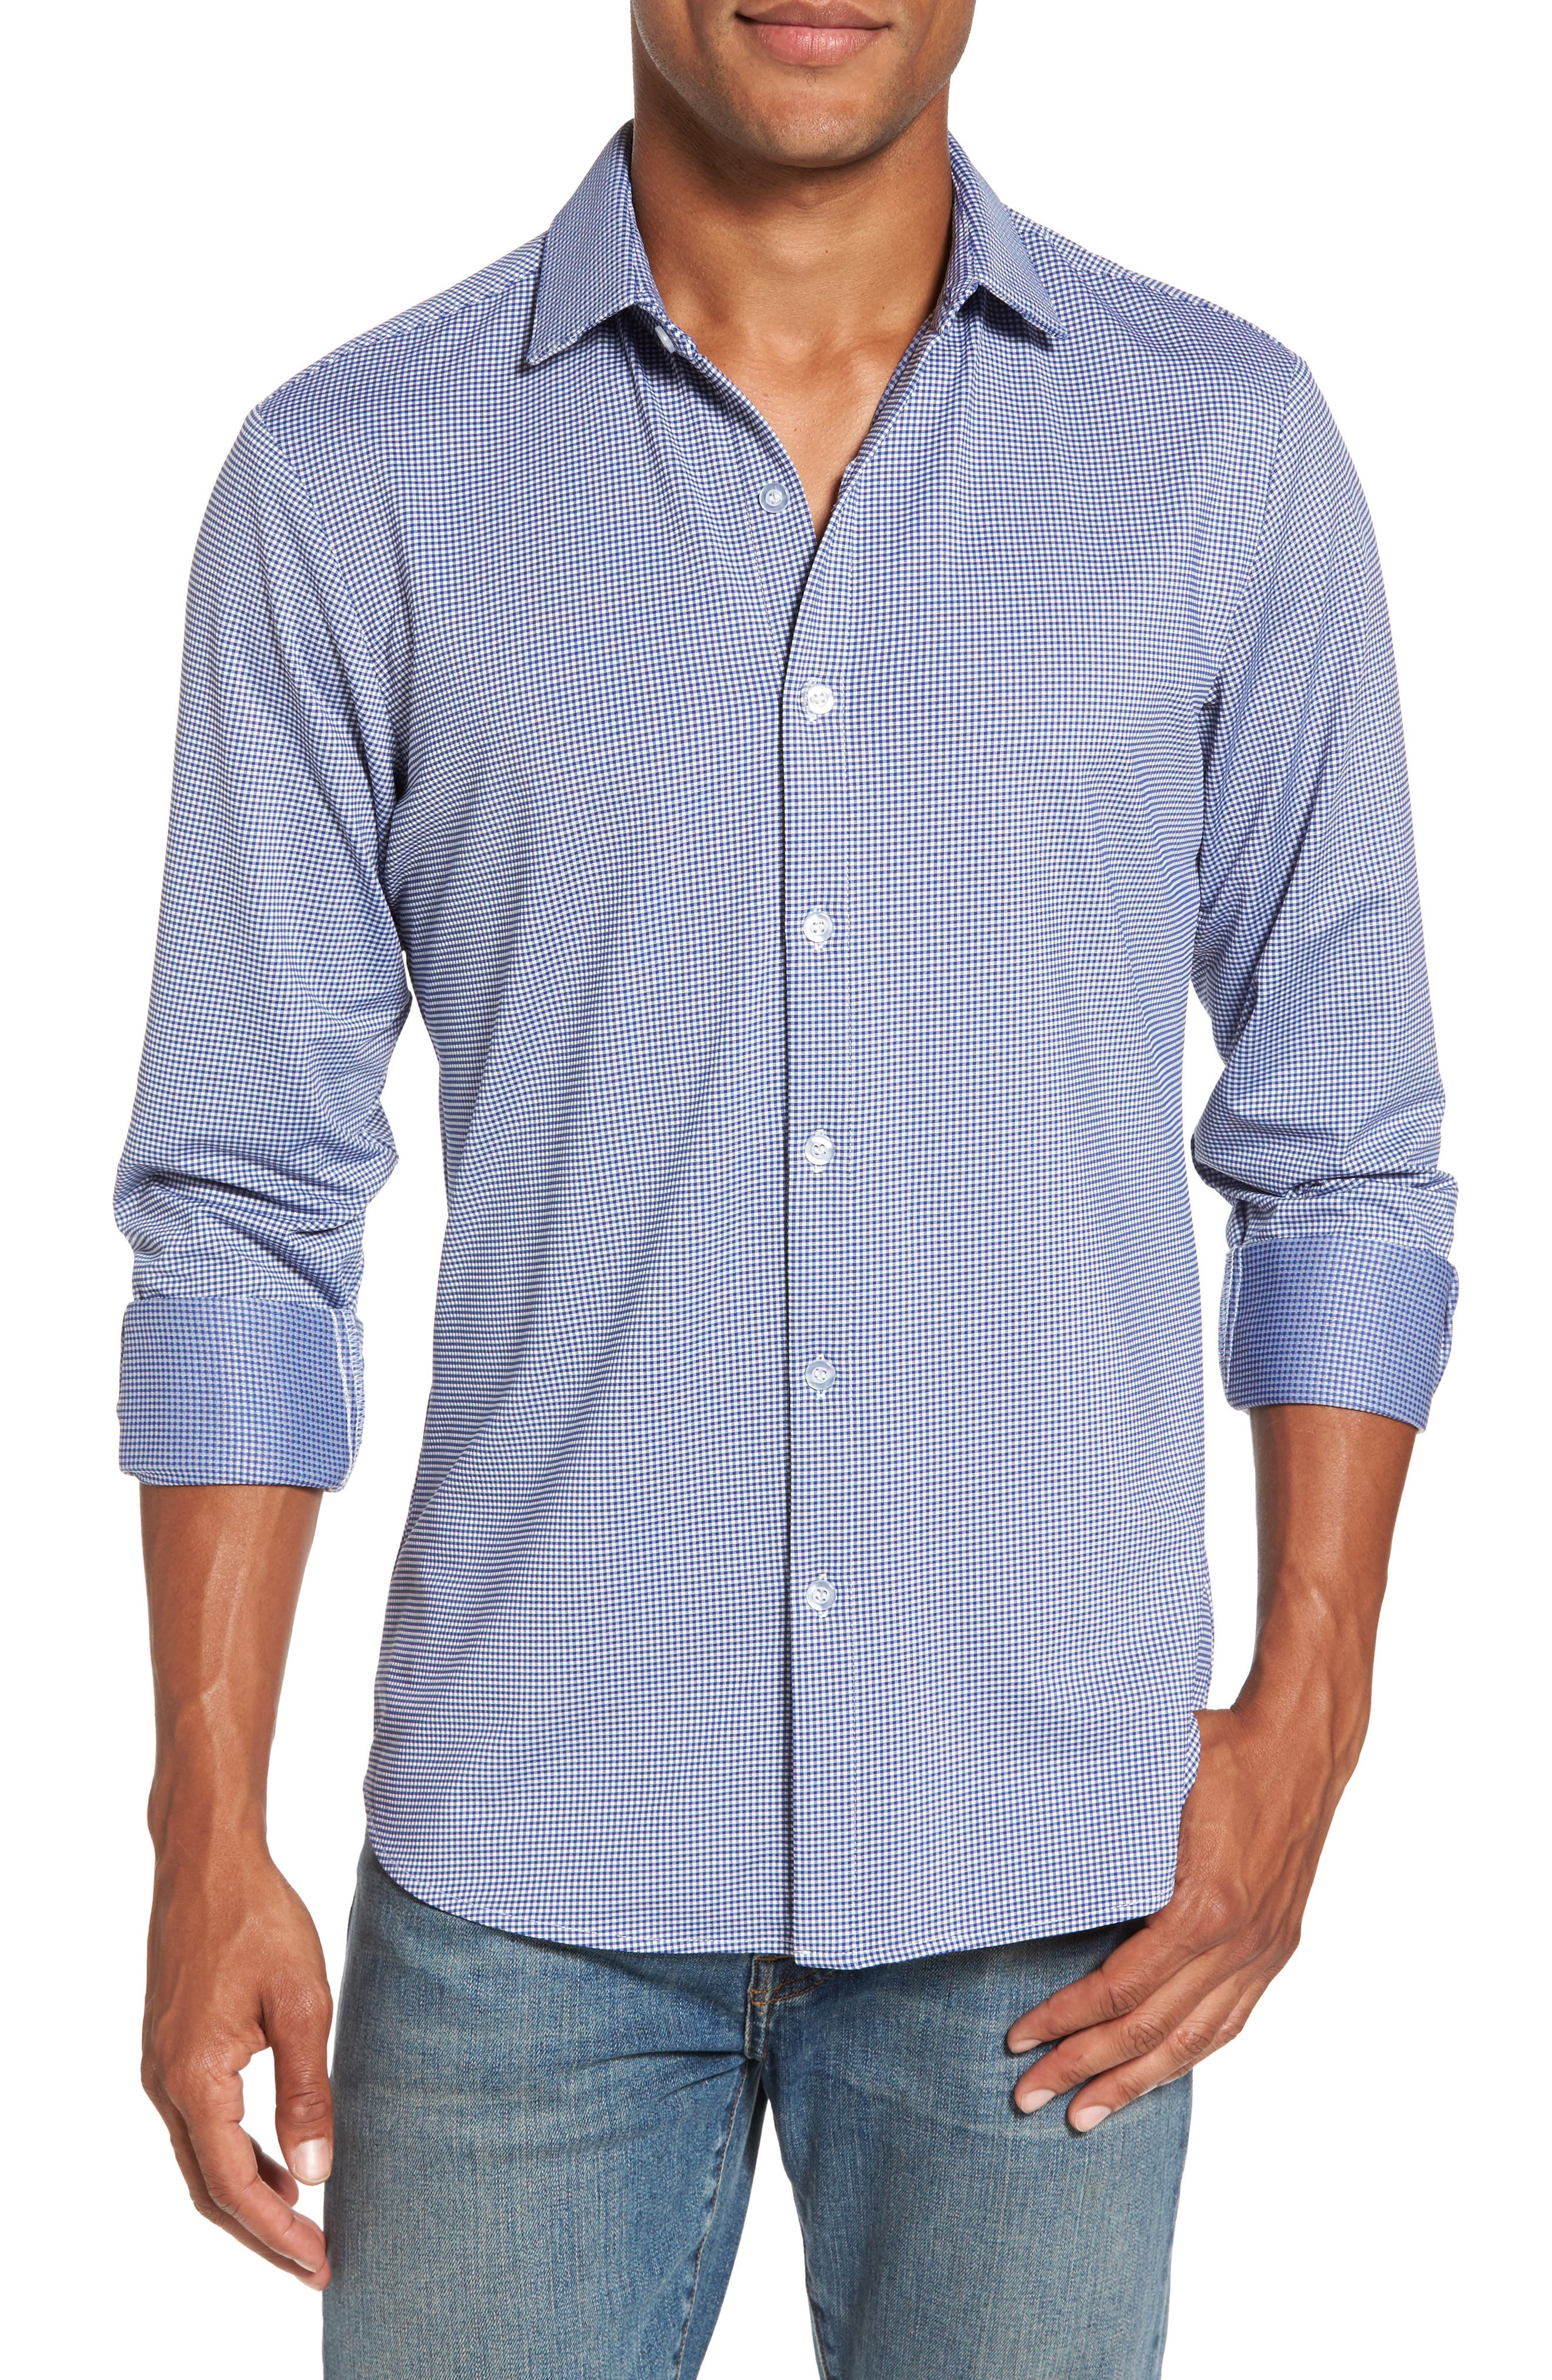 Beckett Gingham Sport Shirt,                             Main thumbnail 1, color,                             BLUE